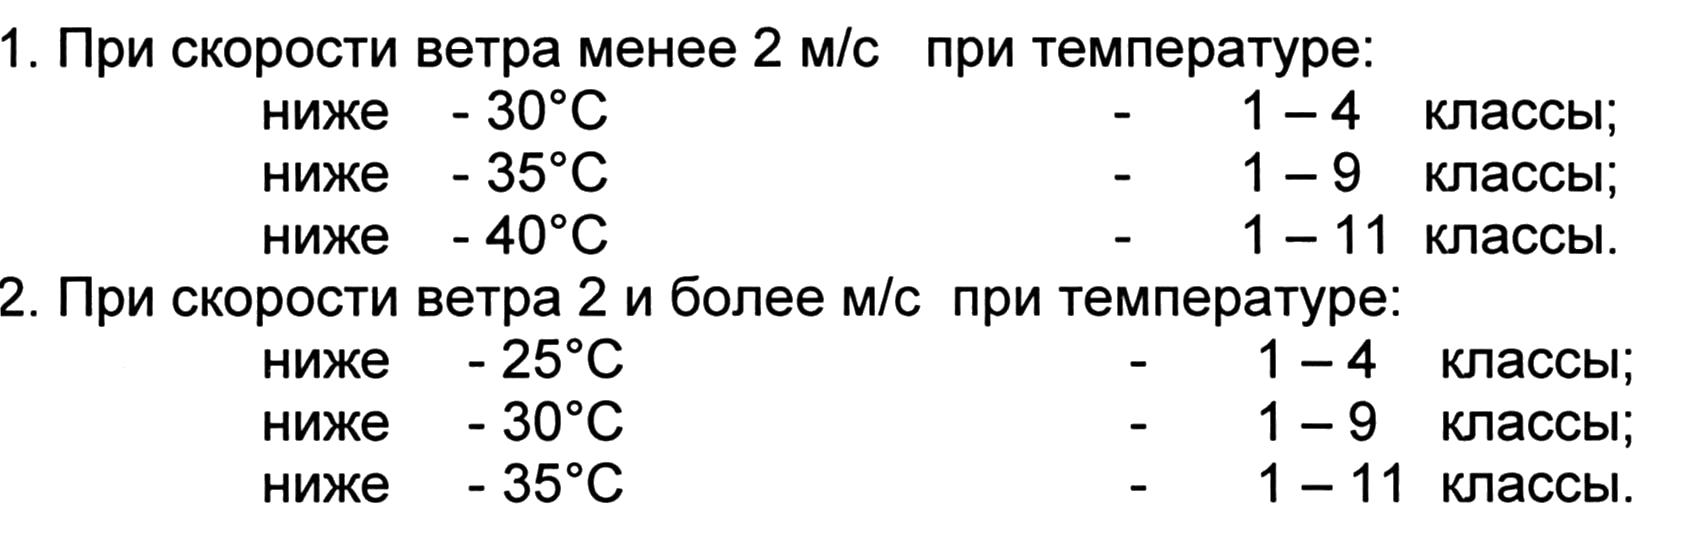 Описание: C:\Users\Adenko\Desktop\tab.png